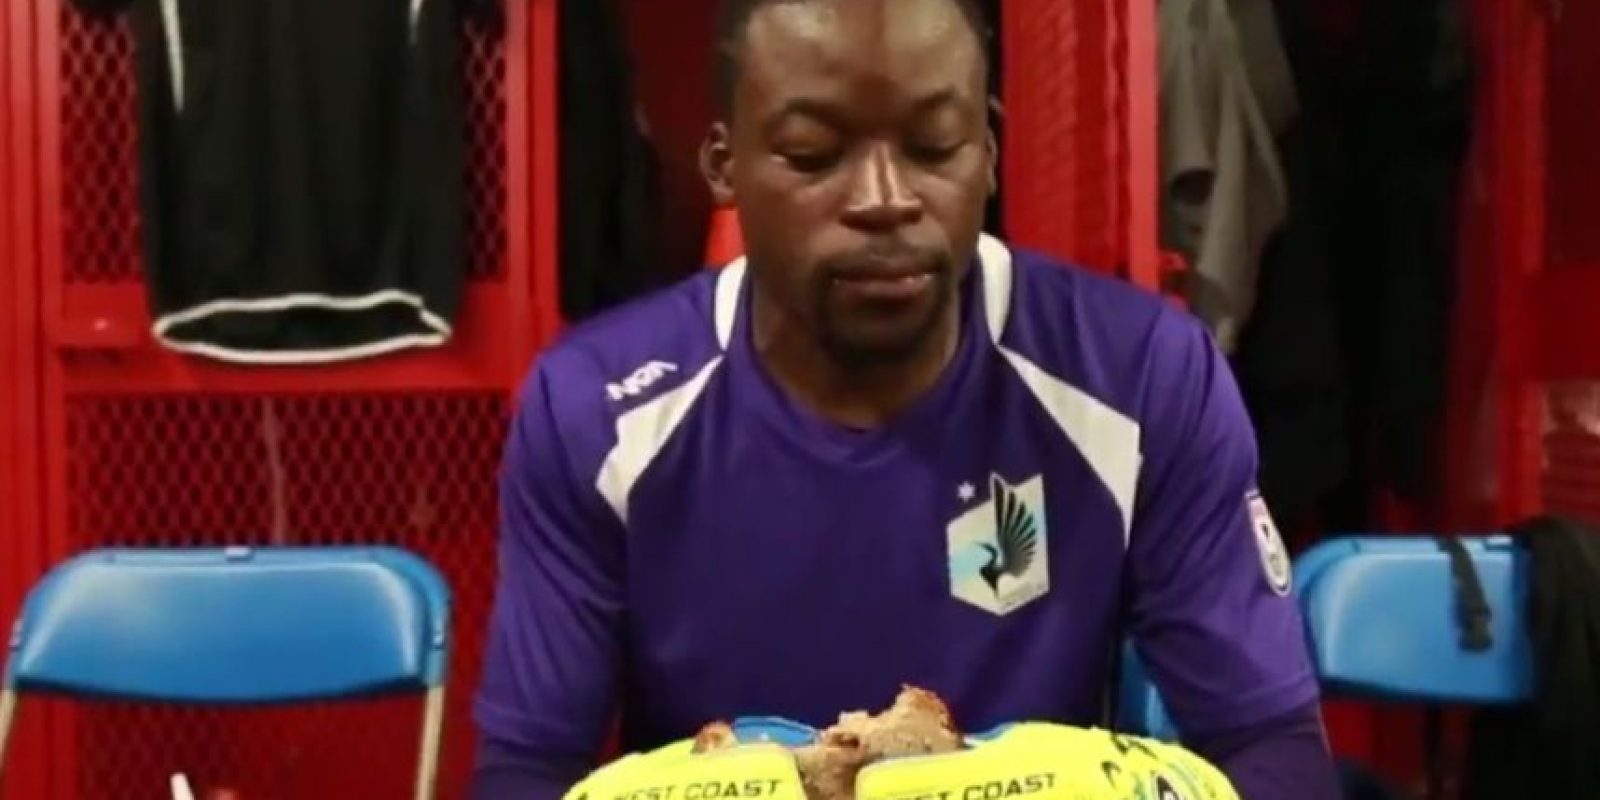 La respuesta del club y el arquero fue notable y le echaron la culpa a su sandwich de mermelada Foto:Captura de pantalla